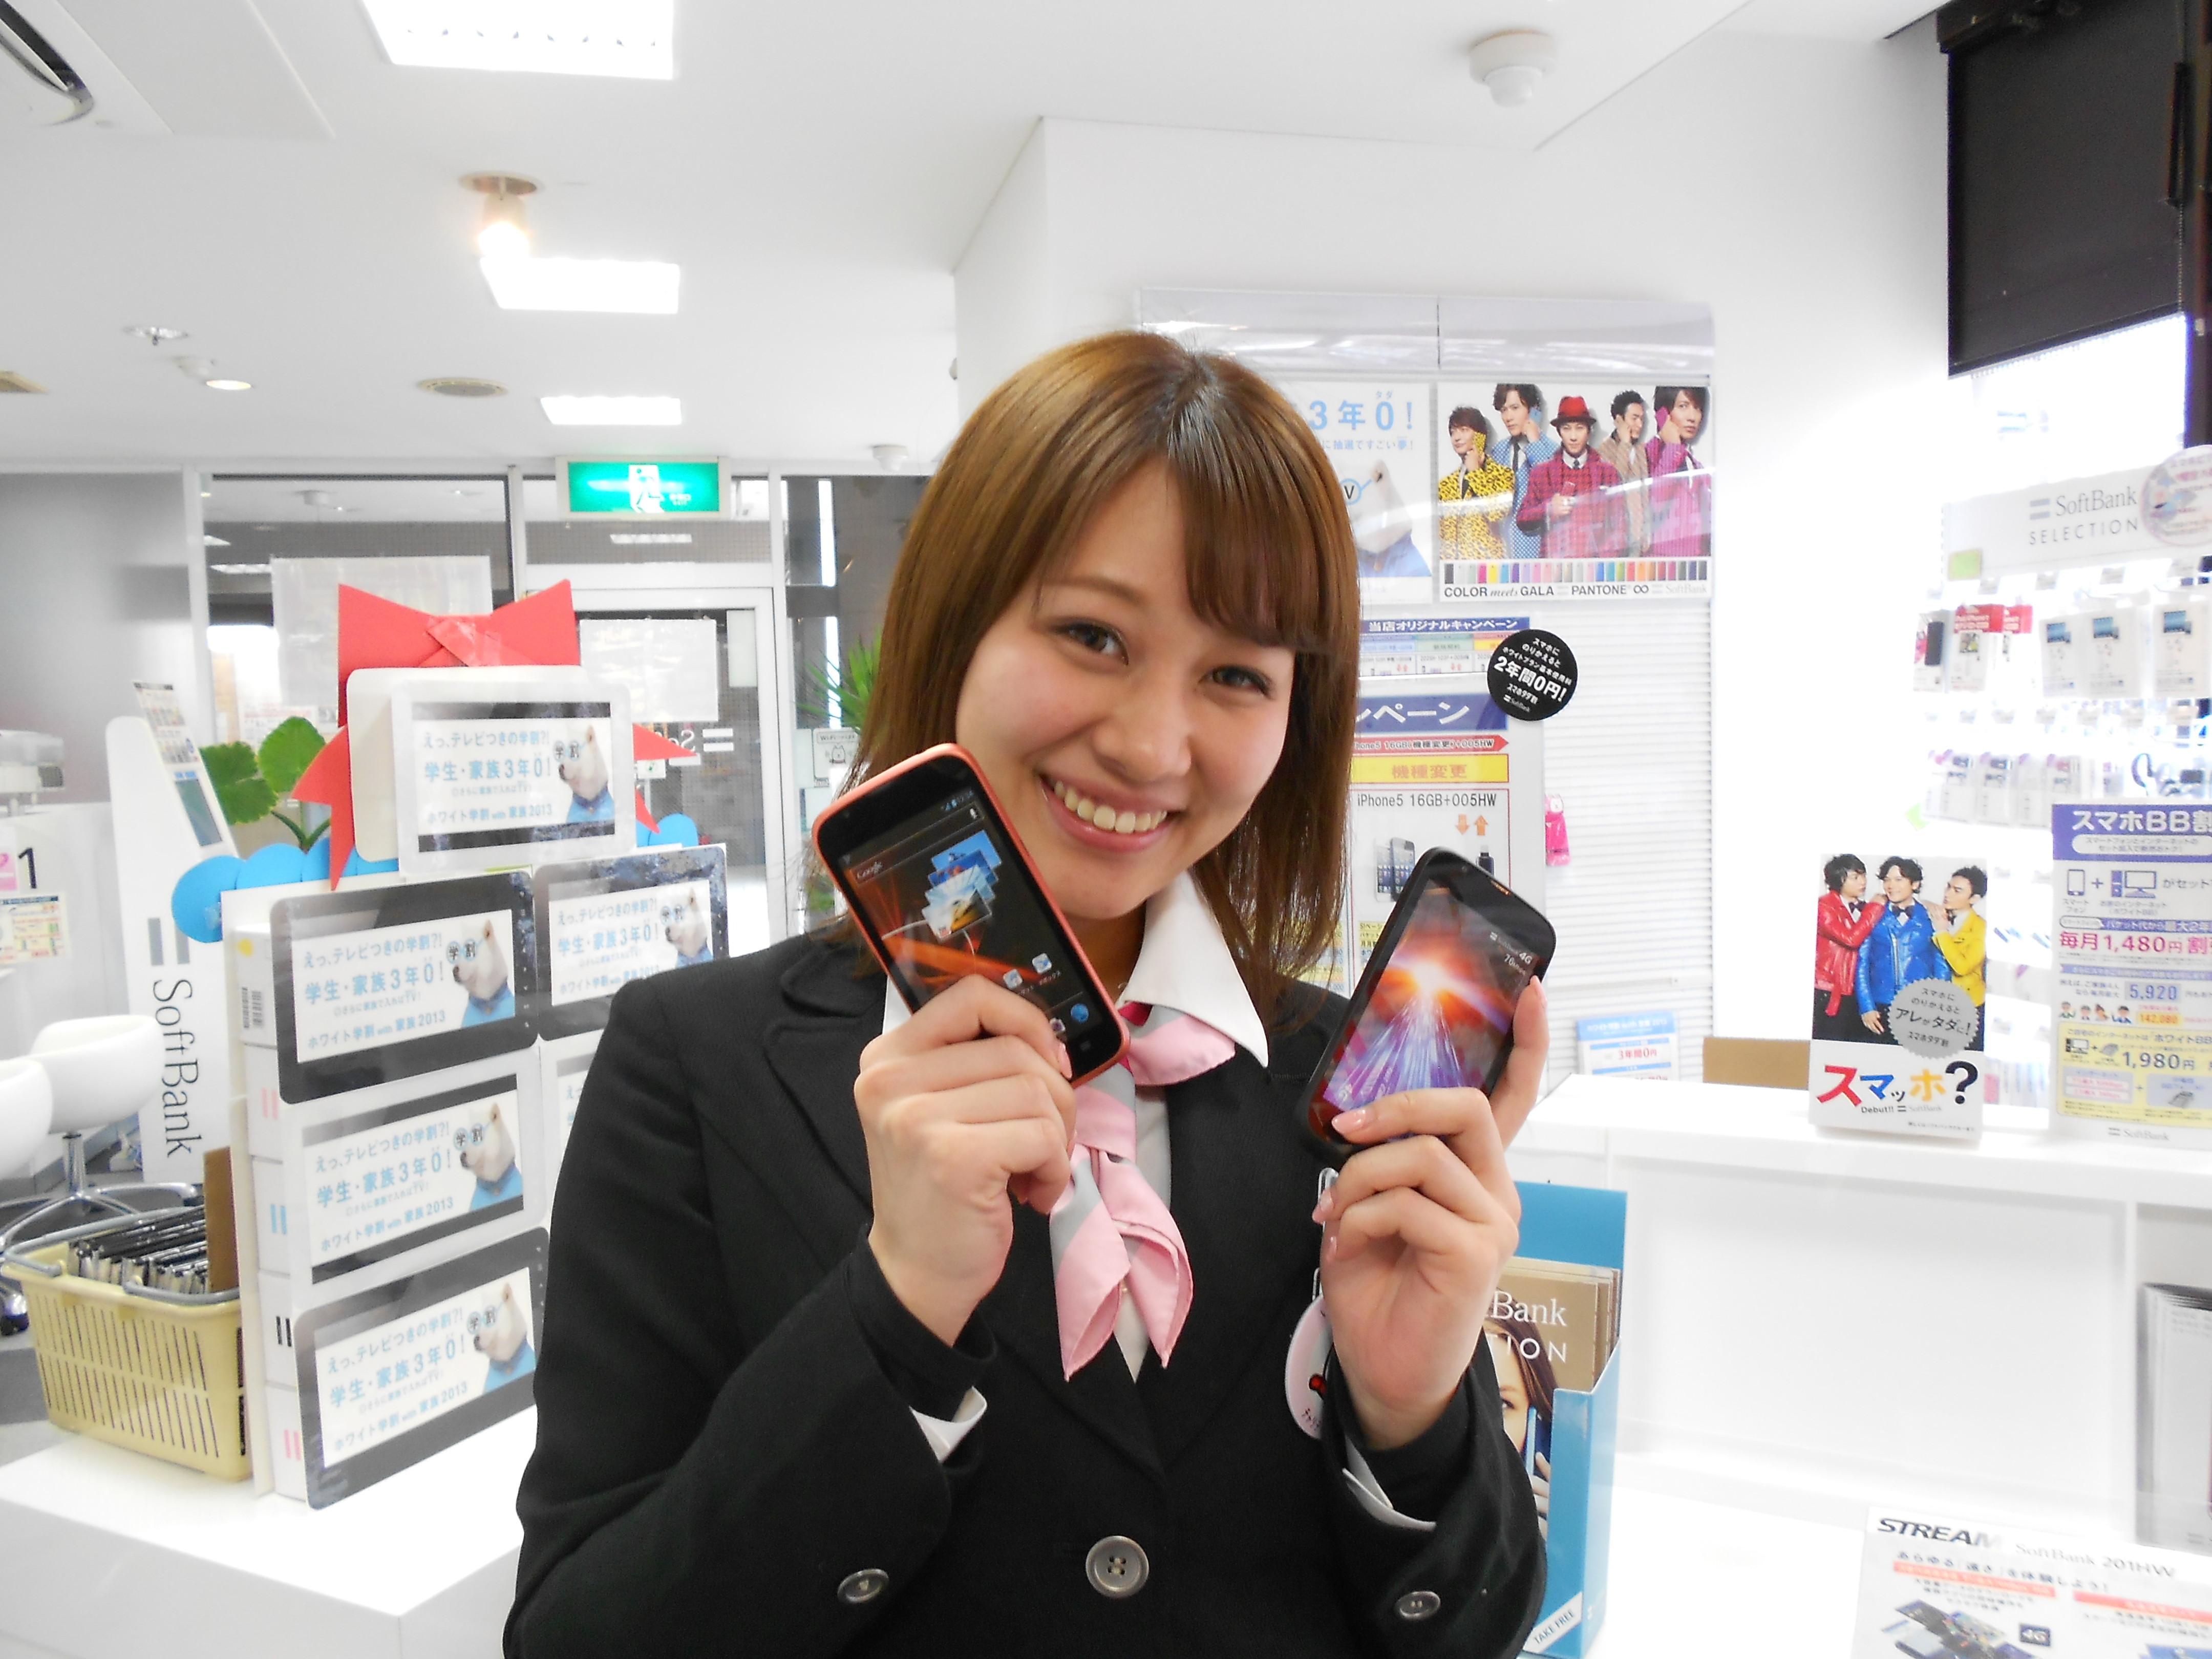 ソフトバンク 太平通(株式会社シエロ)のアルバイト情報